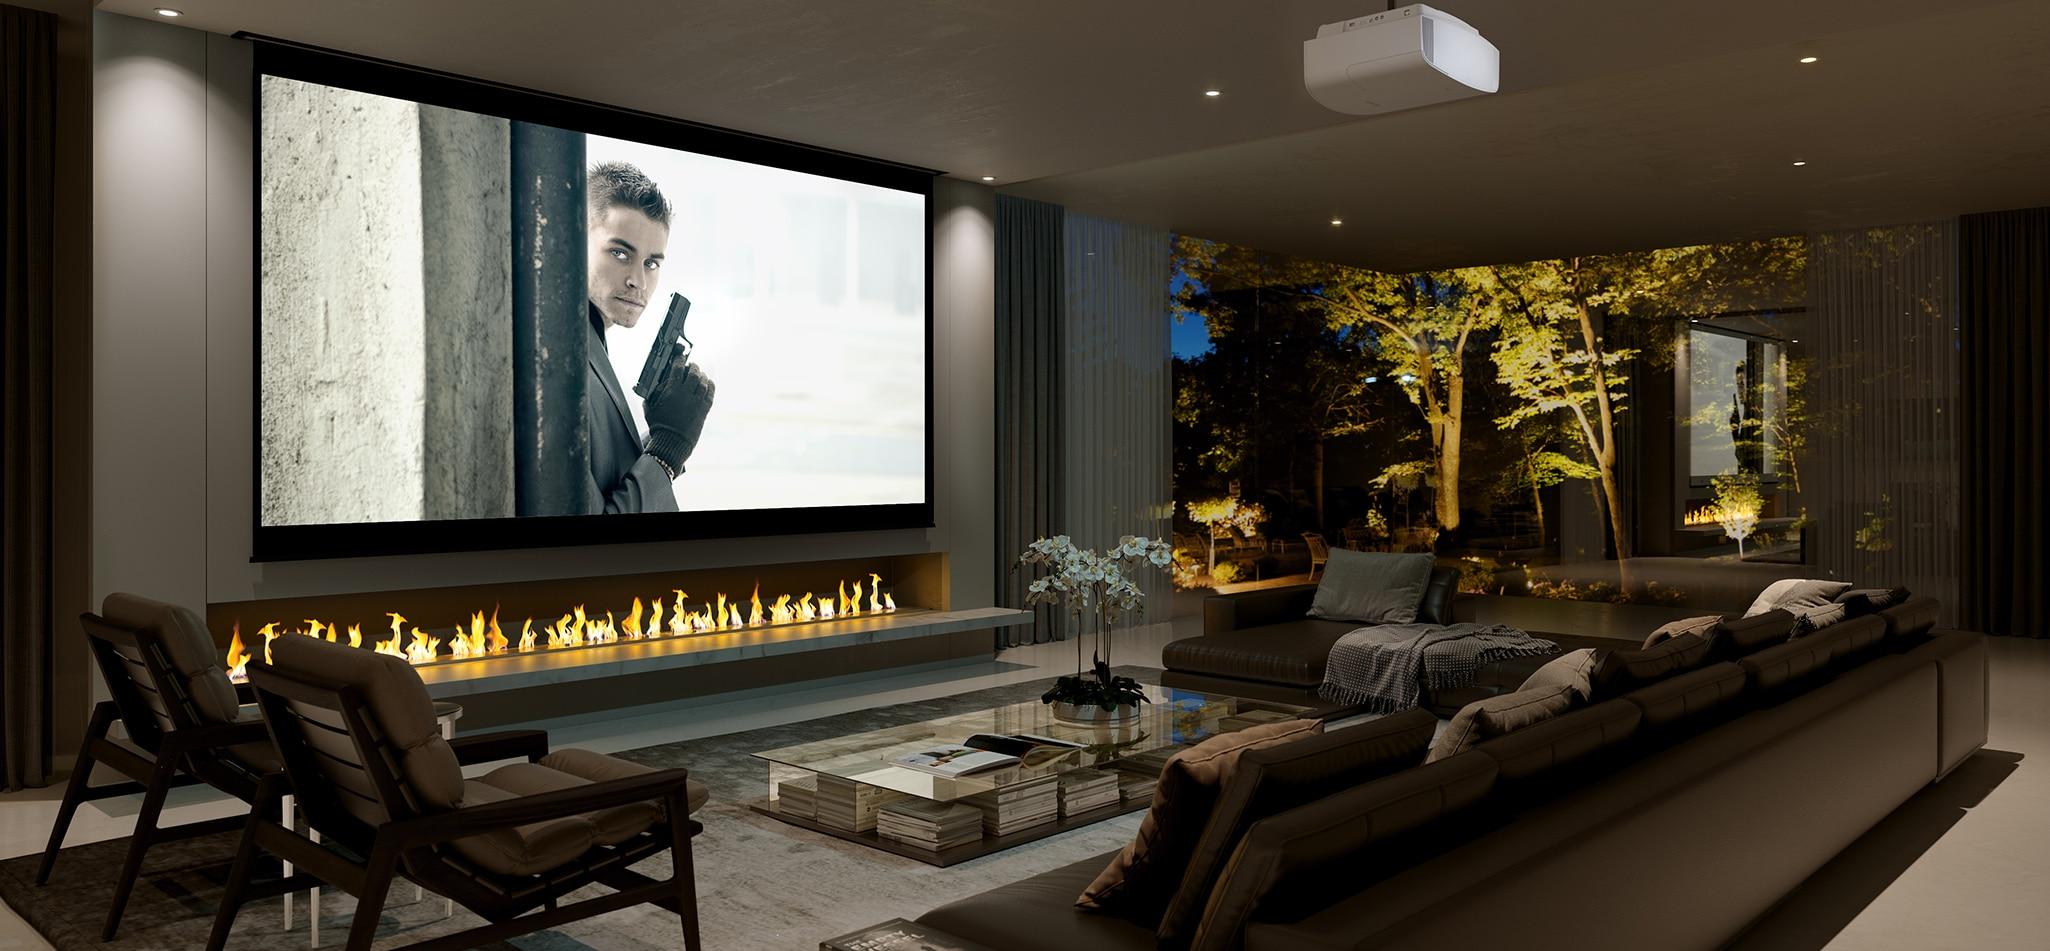 Ein Premium-Heimkino-Raum mit einem großen Sofa. Auf der Leinwand werden Filminhalte angezeigt.